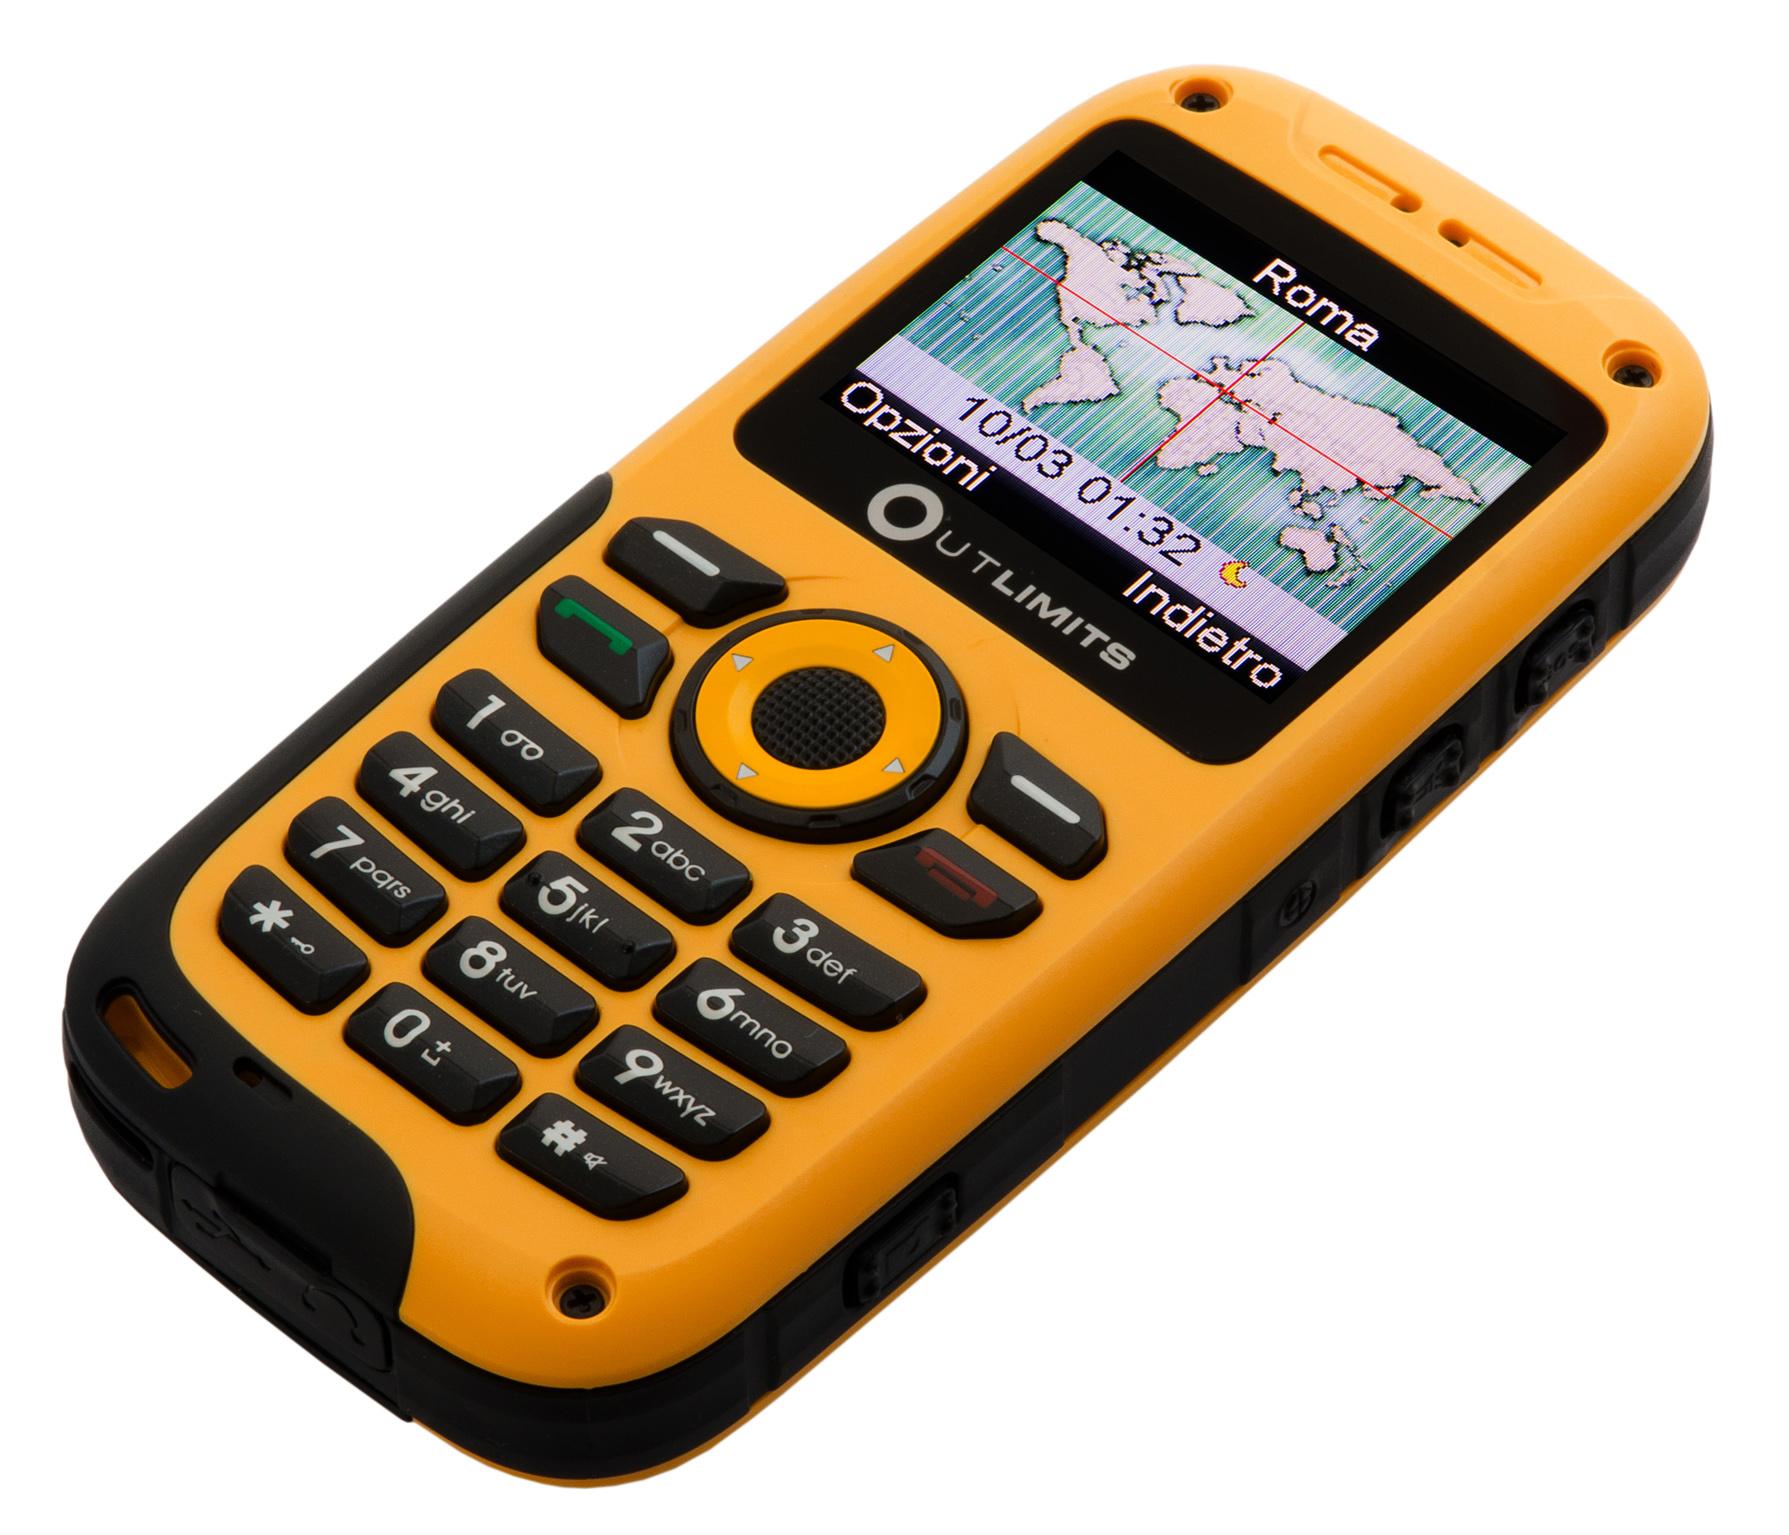 Pannello Solare Per Telefonino : Solaris il telefonino pulito kebelloprova